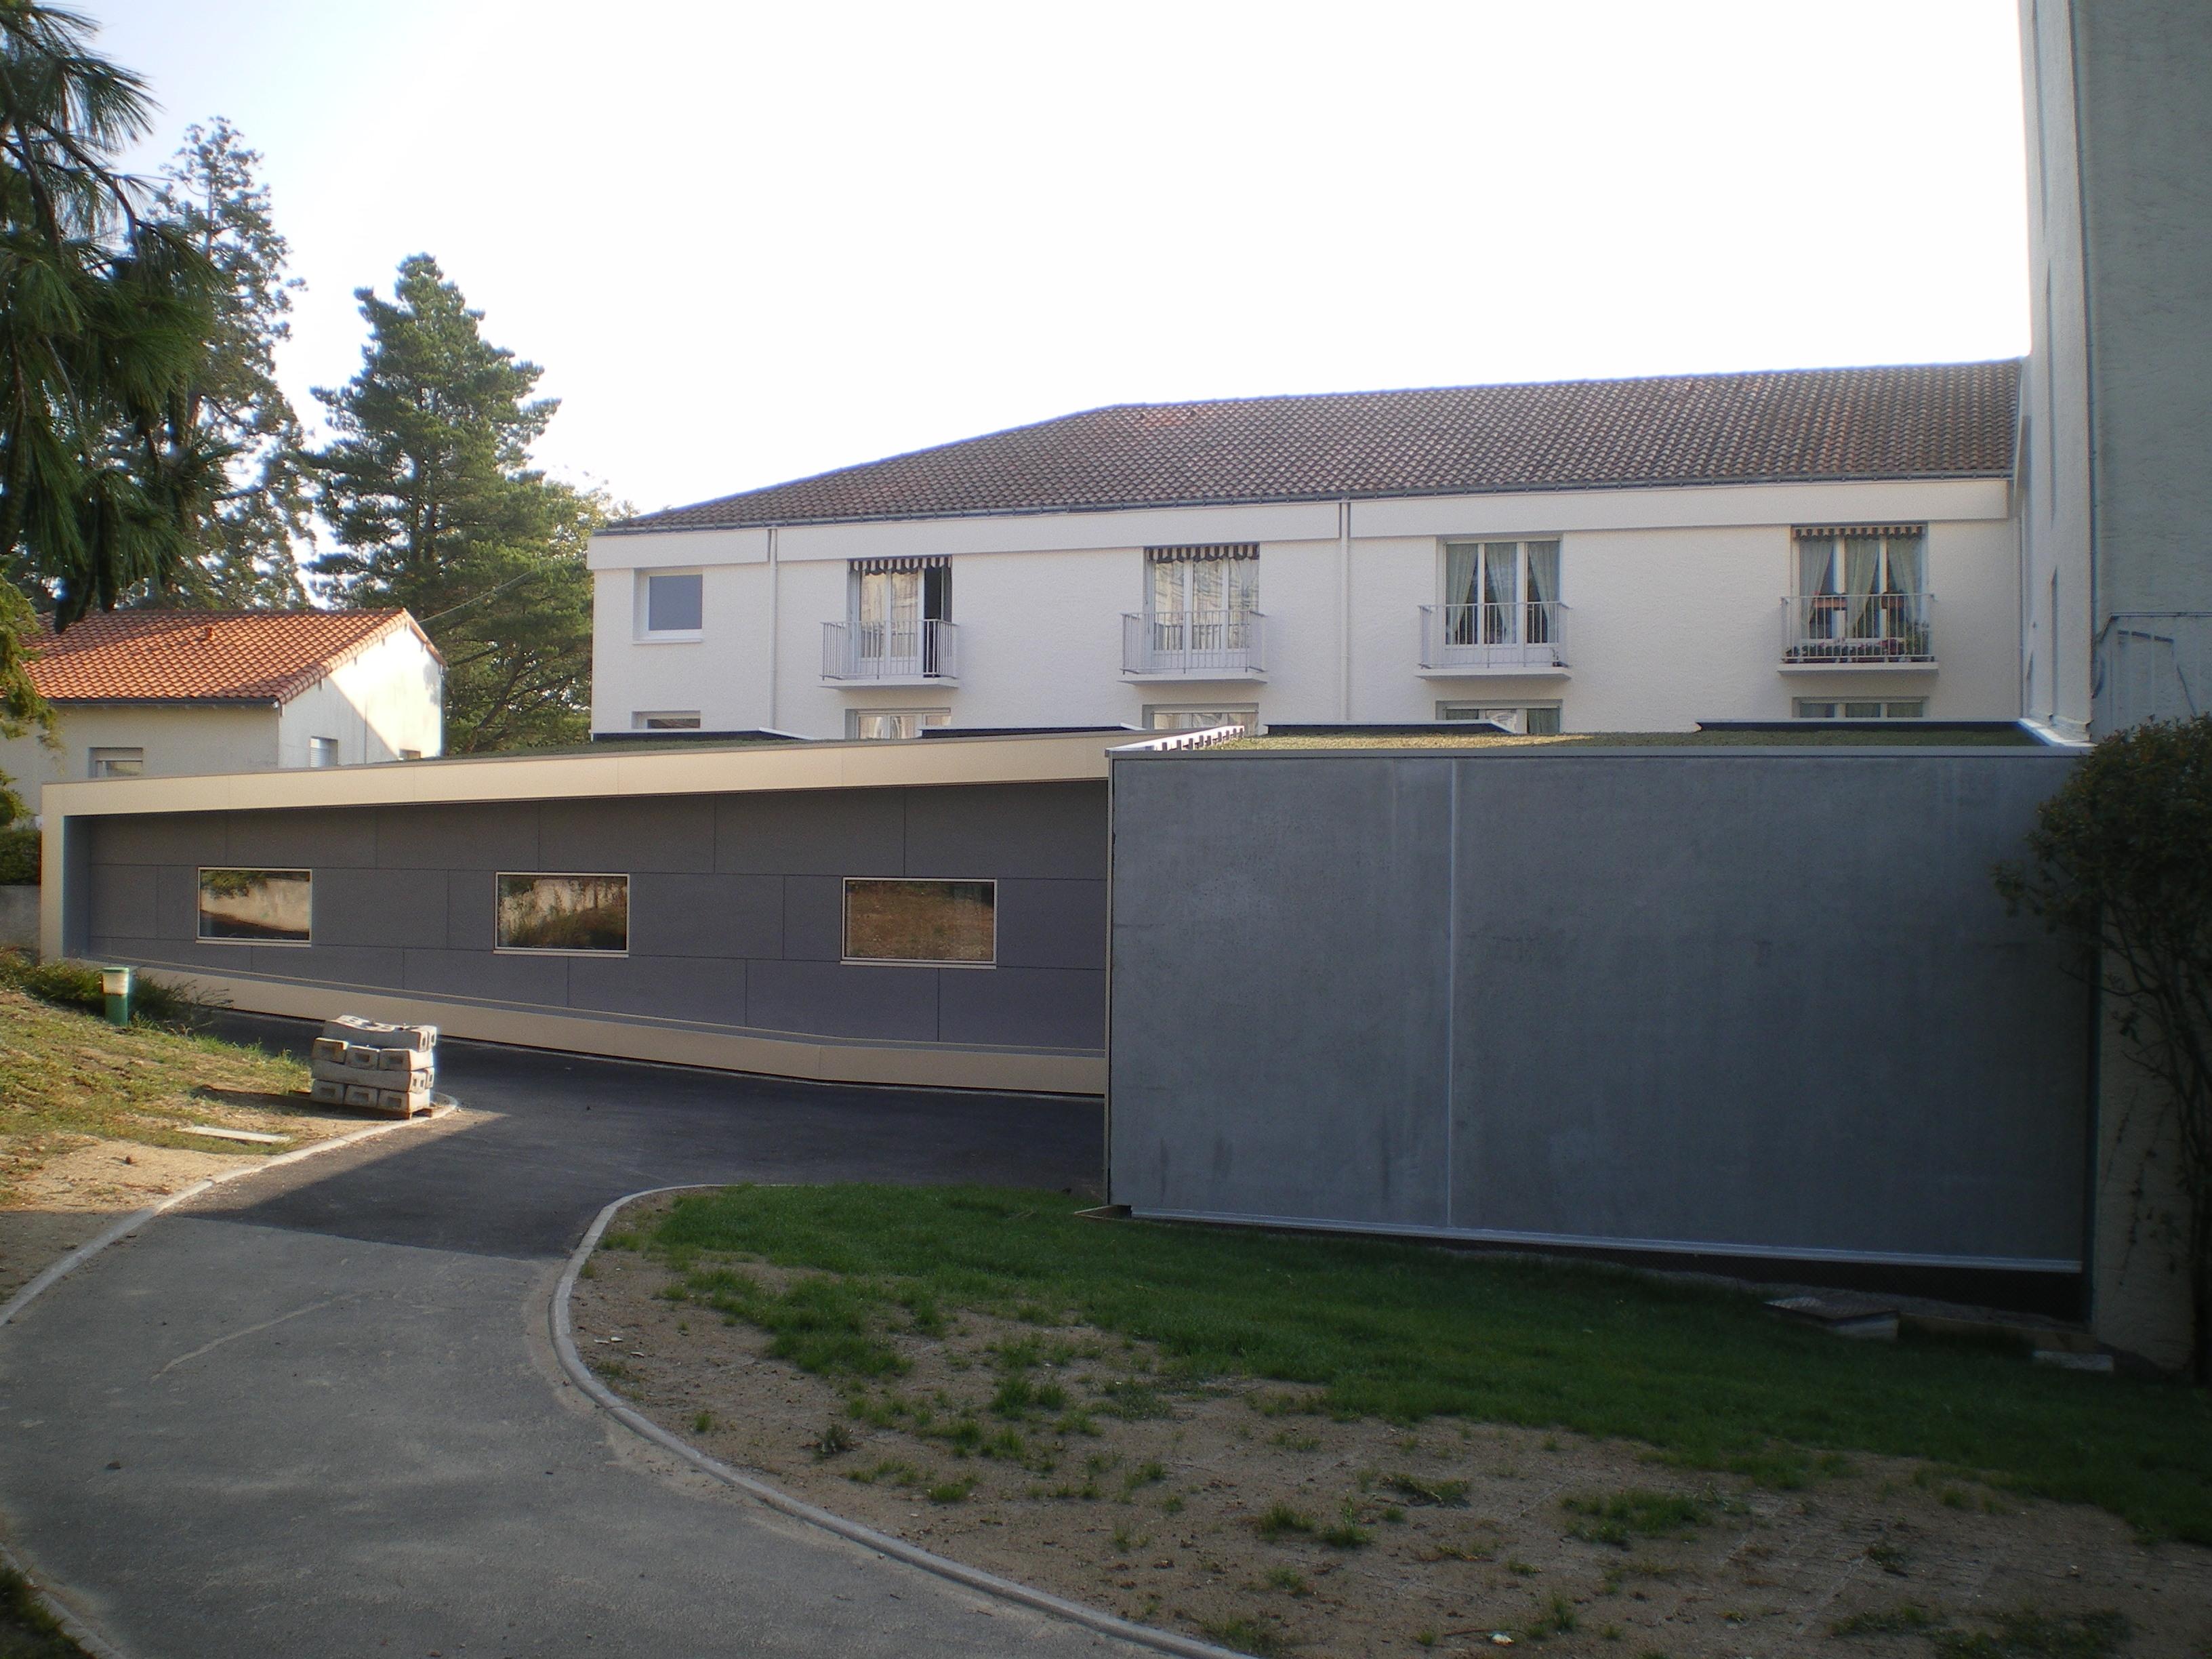 maop-leverger-mauves-sur-loire-2009-09-22-09-02-41-2